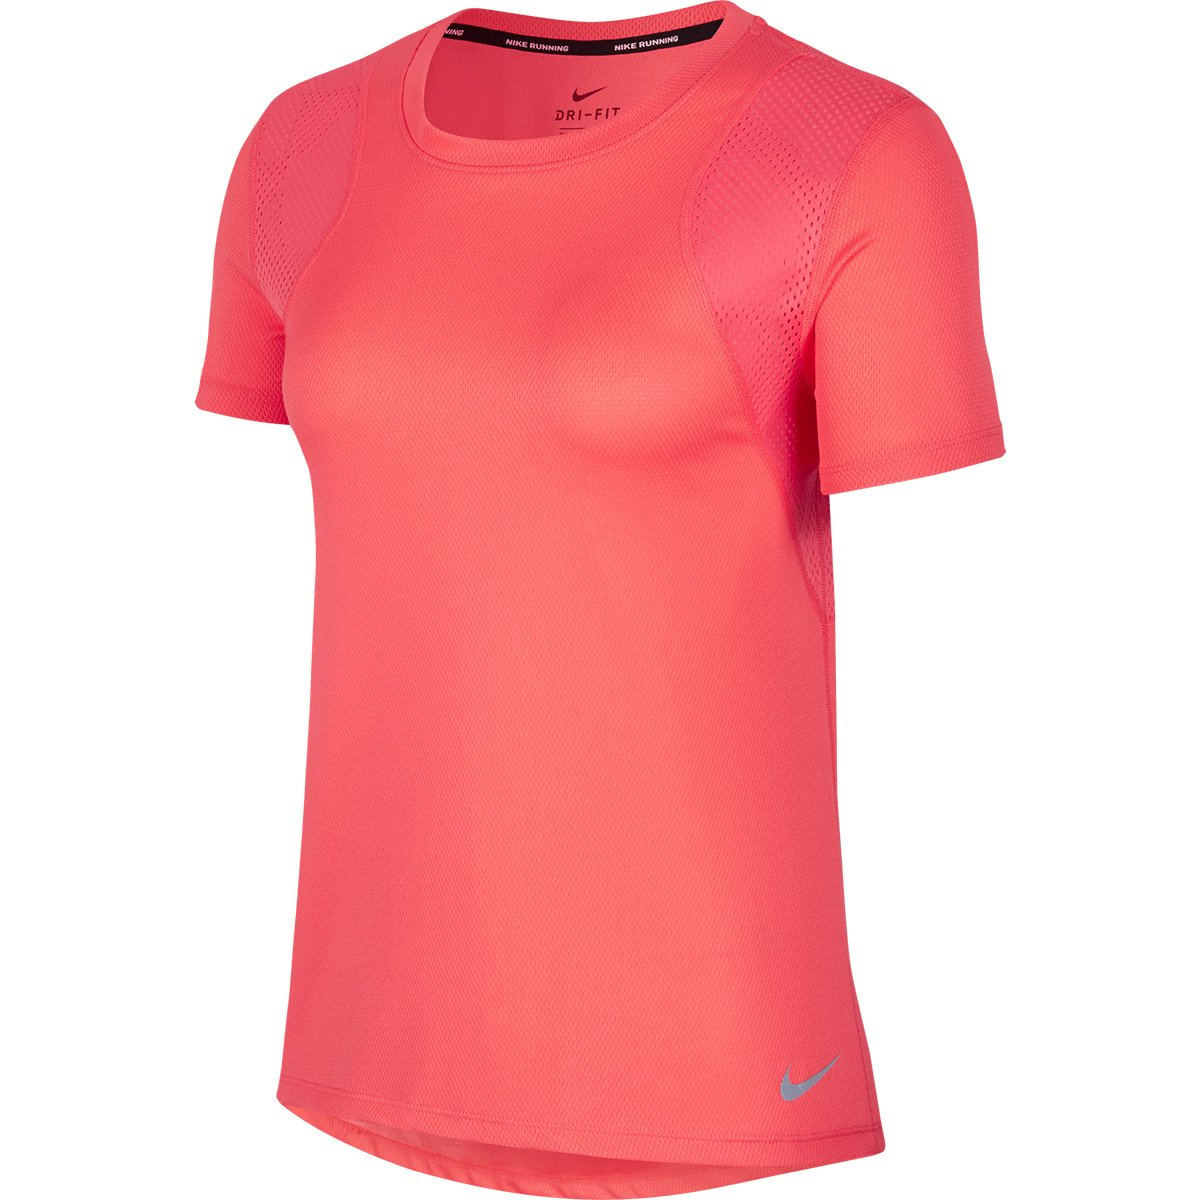 b6cac16f4d673 Camiseta Nike Run Ss Feminina - Pink - Compre Agora